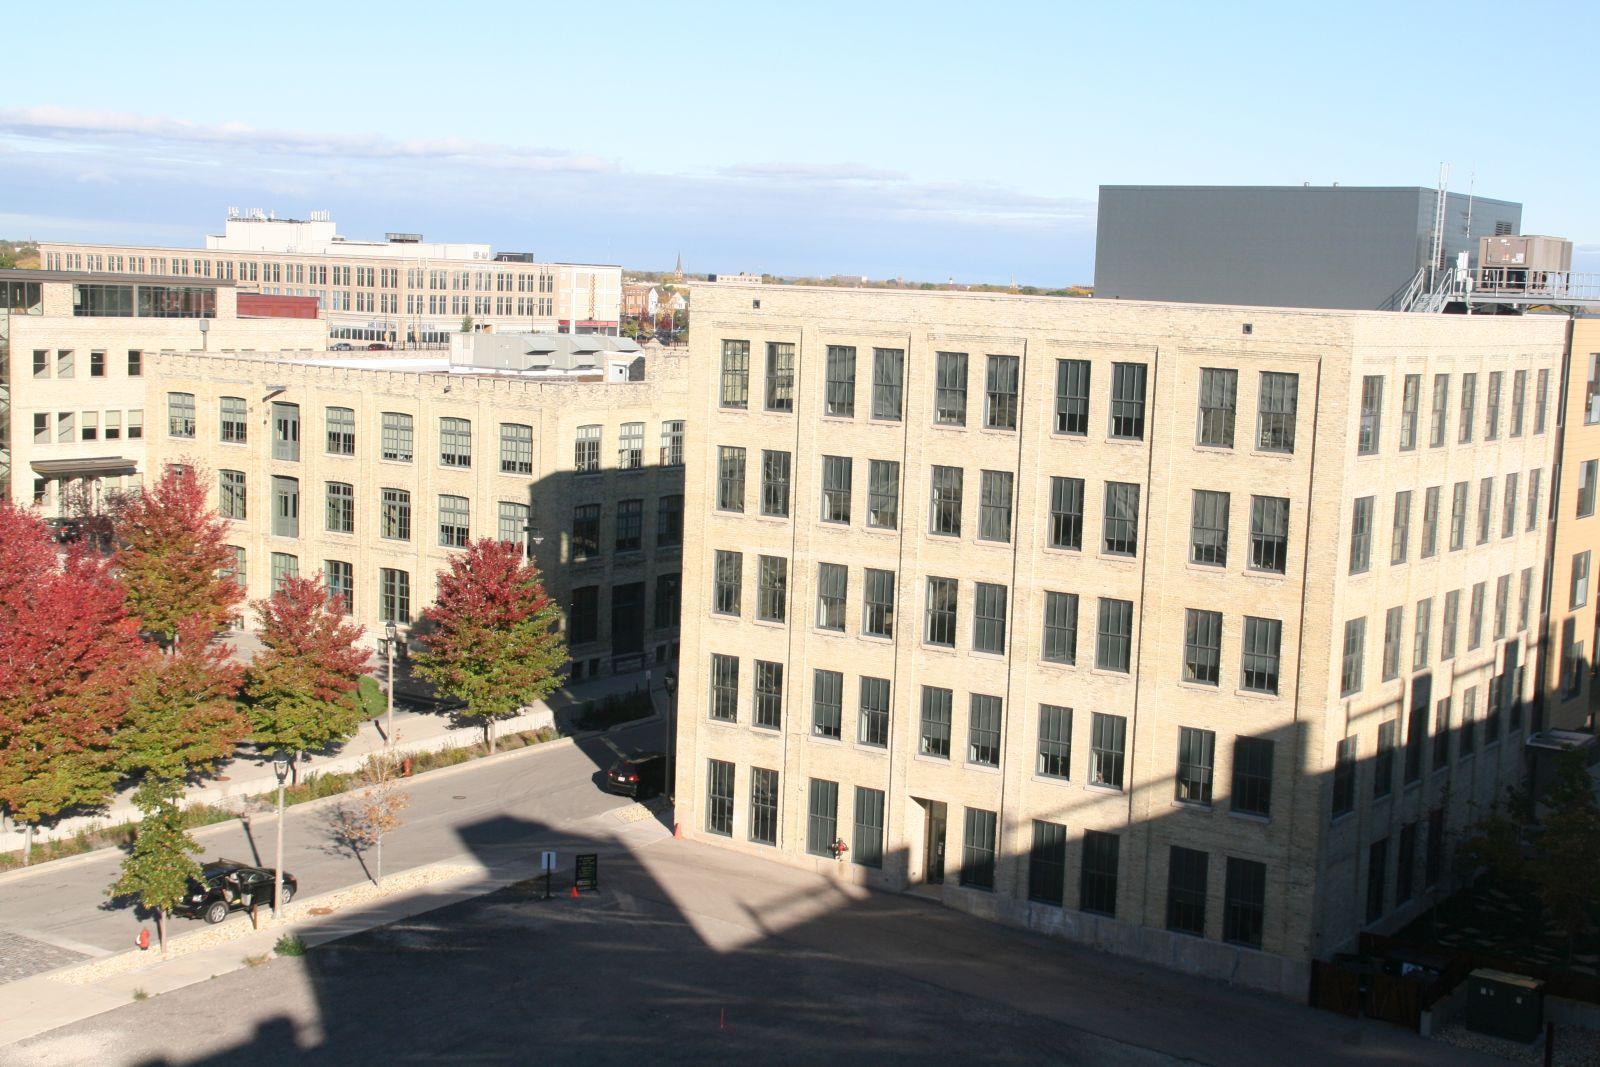 Zilber School of Public Health